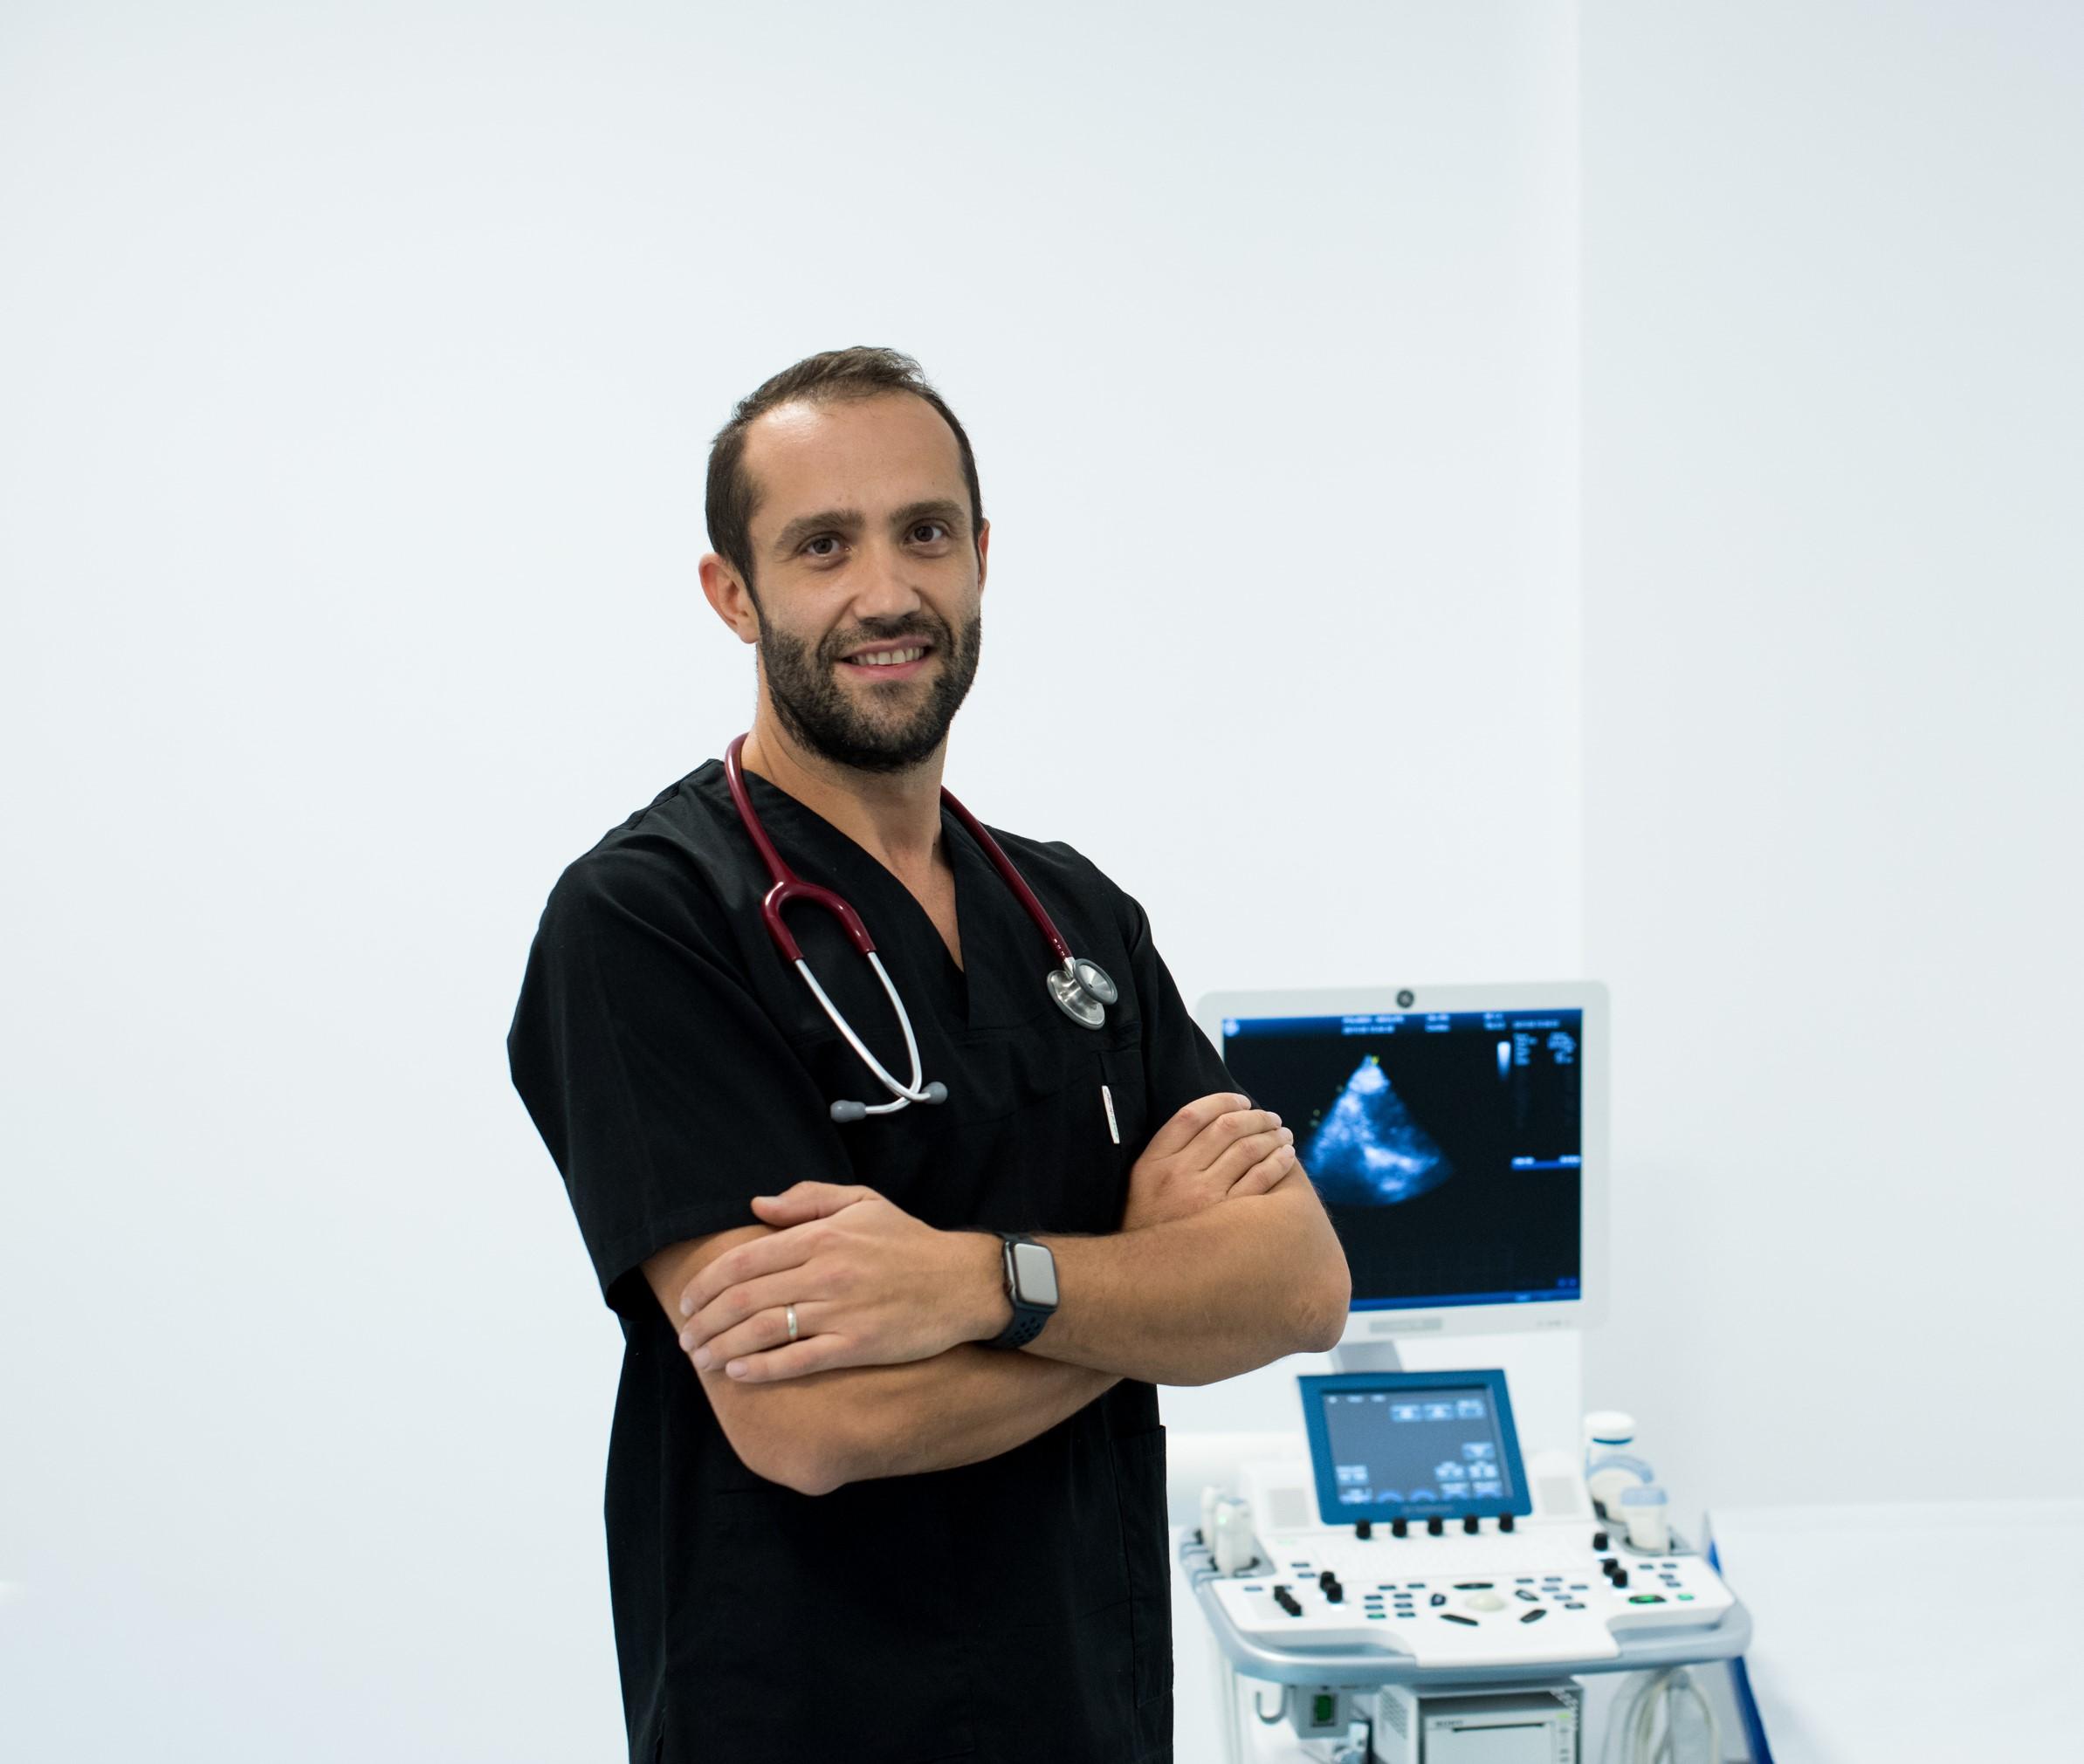 Dr. Toni Ovidiu Mihai